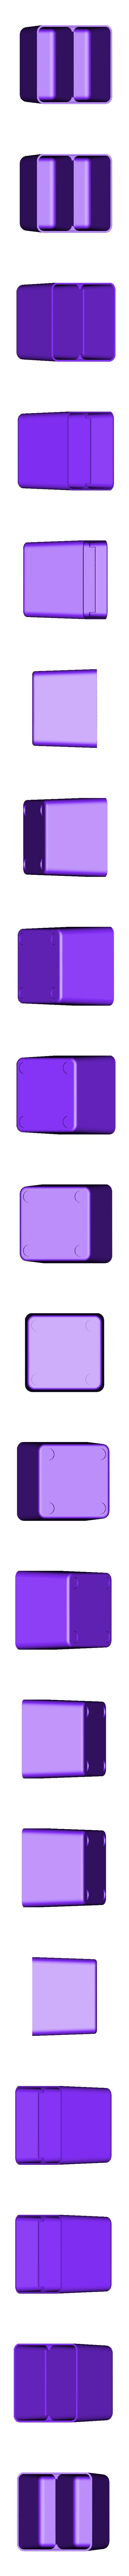 1-1__V2.stl Download STL file Allit Europlus organizer boxes • 3D printable model, baracuda86